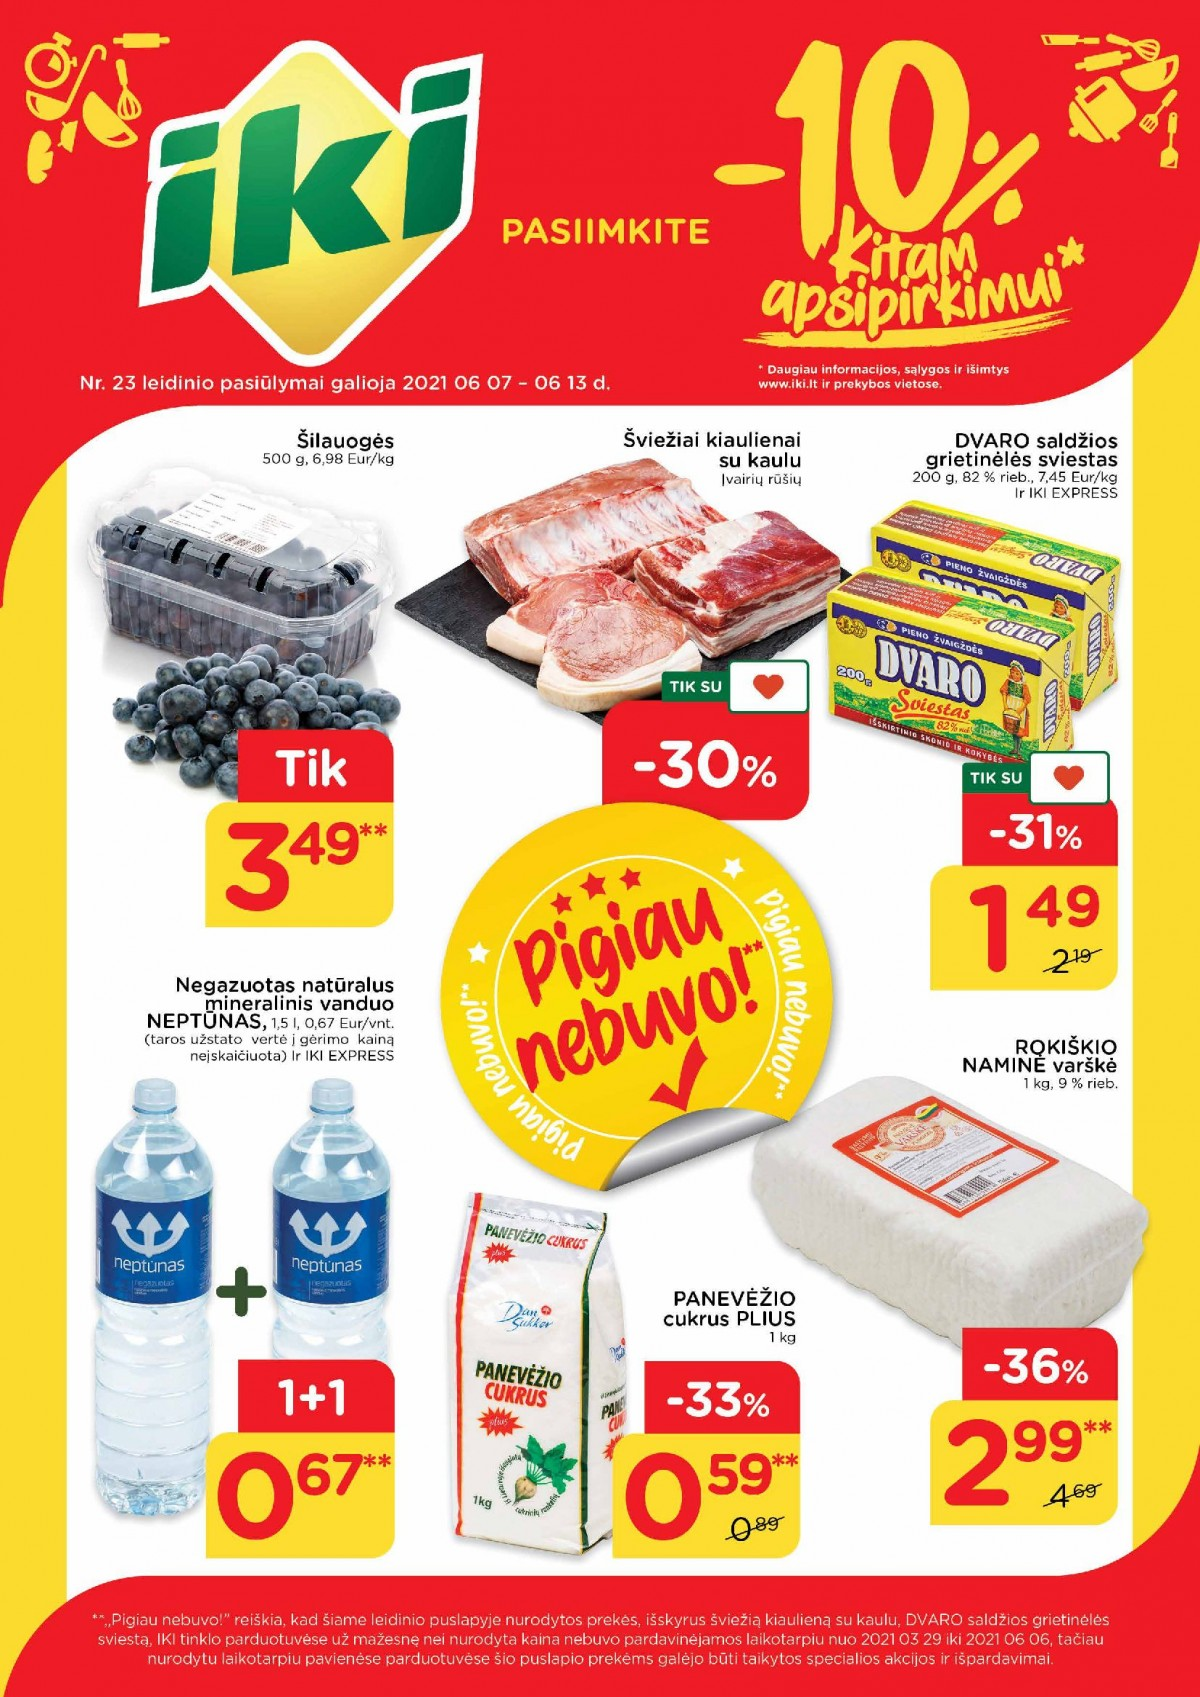 Pasiimkite 10% kitam apsipirkimui! Nr. 23 page 1